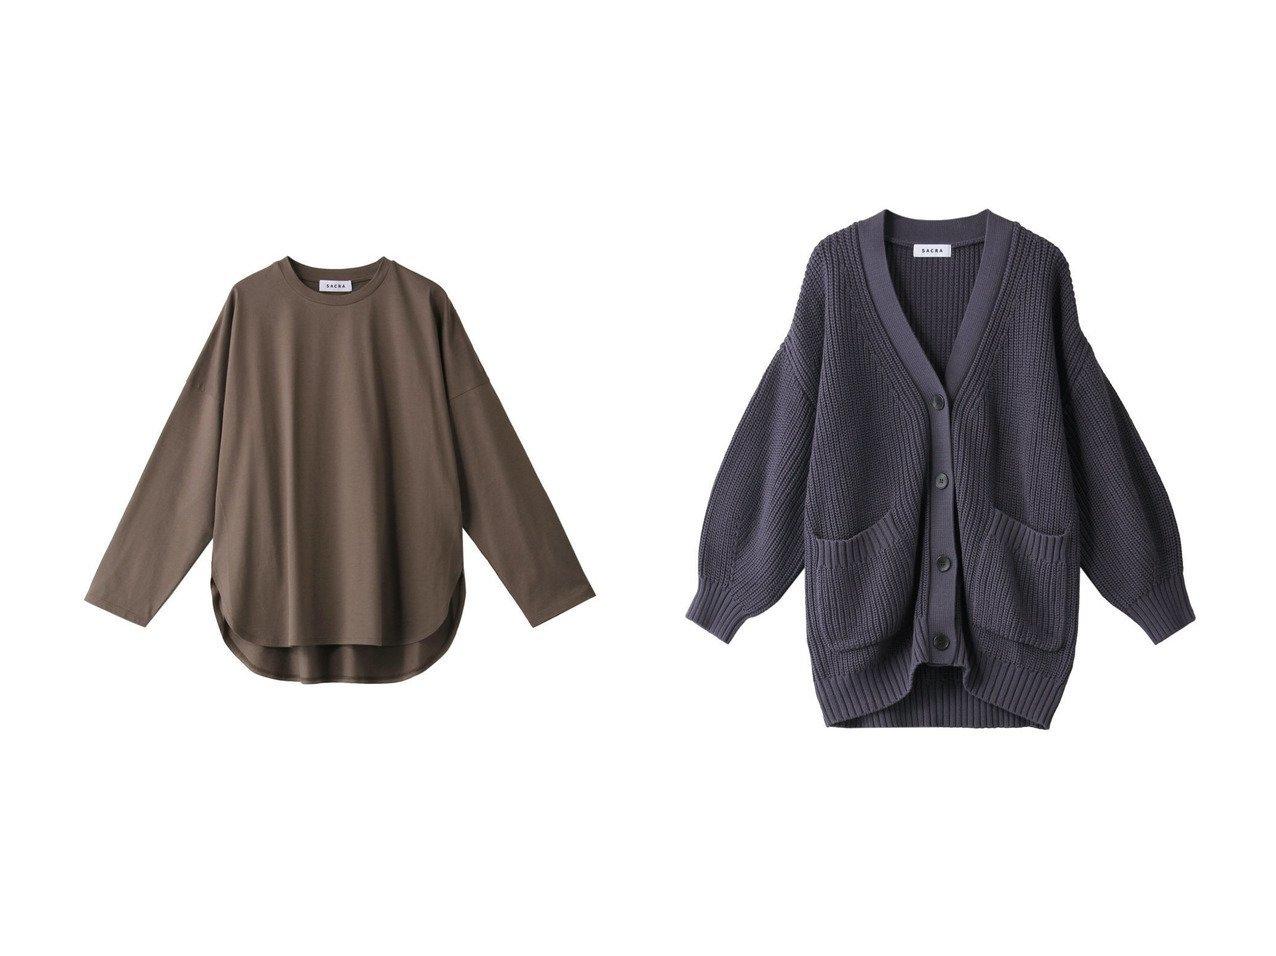 【SACRA/サクラ】のコンパクトシルクコットンロングスリーブTシャツ&コードツイストコットンニットカーディガン SACRAのおすすめ!人気、トレンド・レディースファッションの通販 おすすめで人気の流行・トレンド、ファッションの通販商品 メンズファッション・キッズファッション・インテリア・家具・レディースファッション・服の通販 founy(ファニー) https://founy.com/ ファッション Fashion レディースファッション WOMEN トップス カットソー Tops Tshirt シャツ/ブラウス Shirts Blouses ロング / Tシャツ T-Shirts カットソー Cut and Sewn ニット Knit Tops カーディガン Cardigans 2021年 2021 2021 春夏 S/S SS Spring/Summer 2021 S/S 春夏 SS Spring/Summer なめらか シルク シンプル スリーブ リラックス ロング 定番 Standard 春 Spring |ID:crp329100000020499